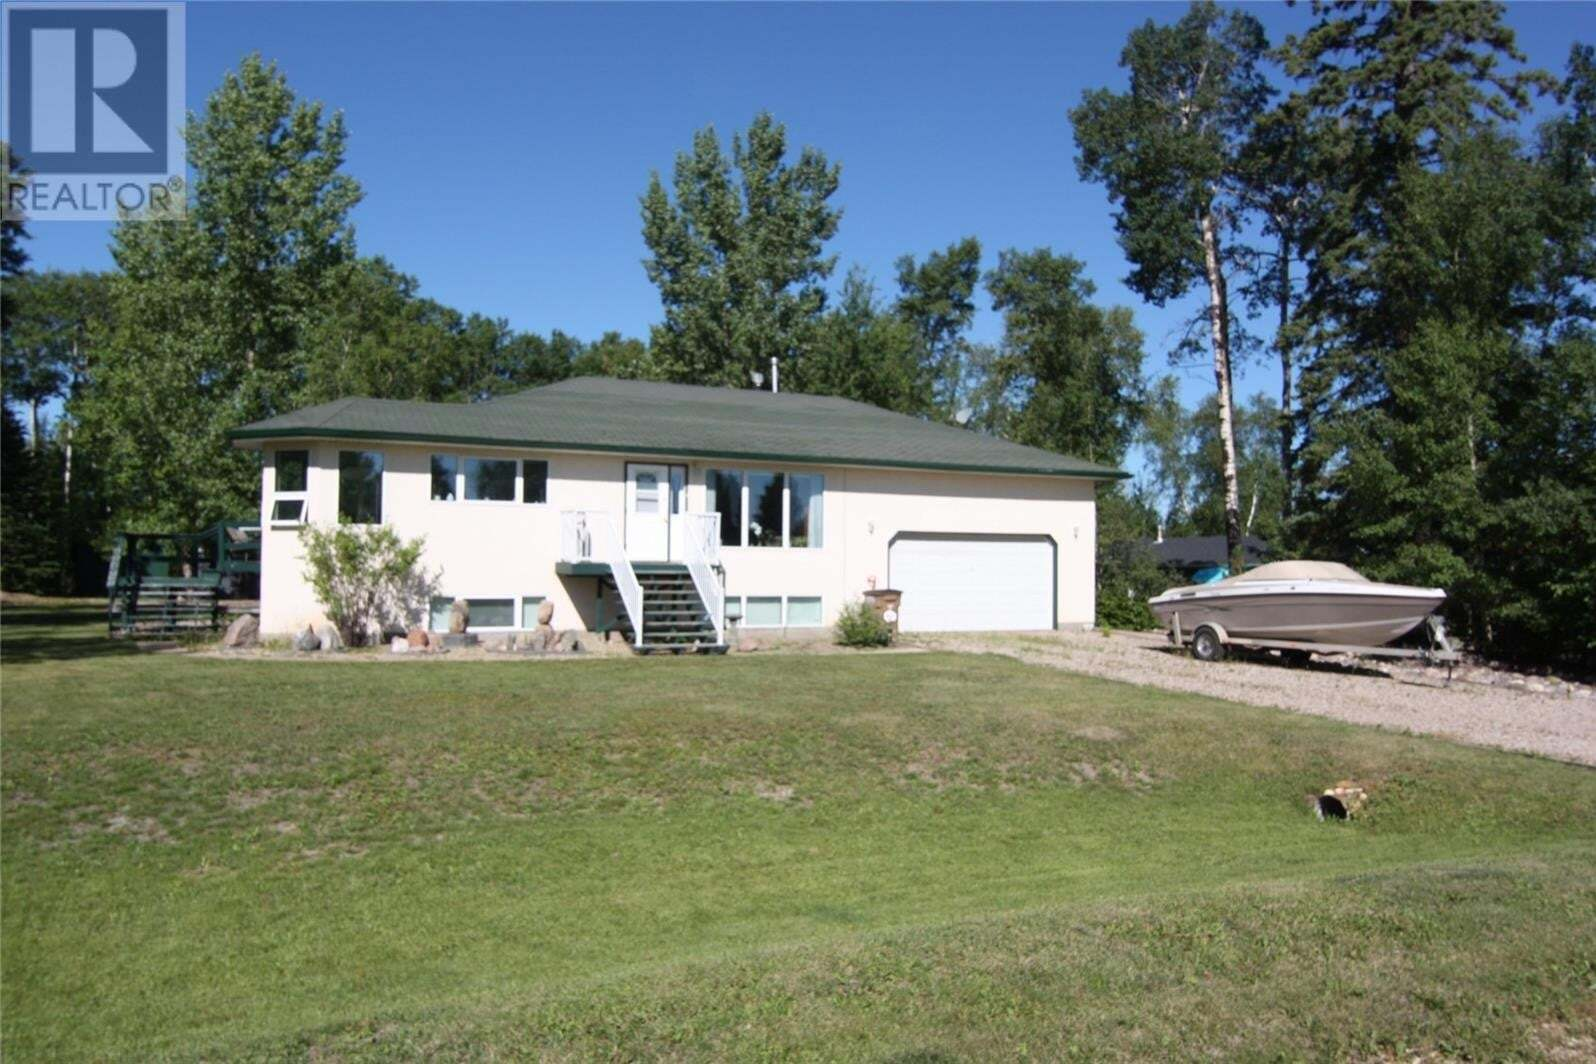 House for sale at 114 Crestview Dr Emma Lake Saskatchewan - MLS: SK819303